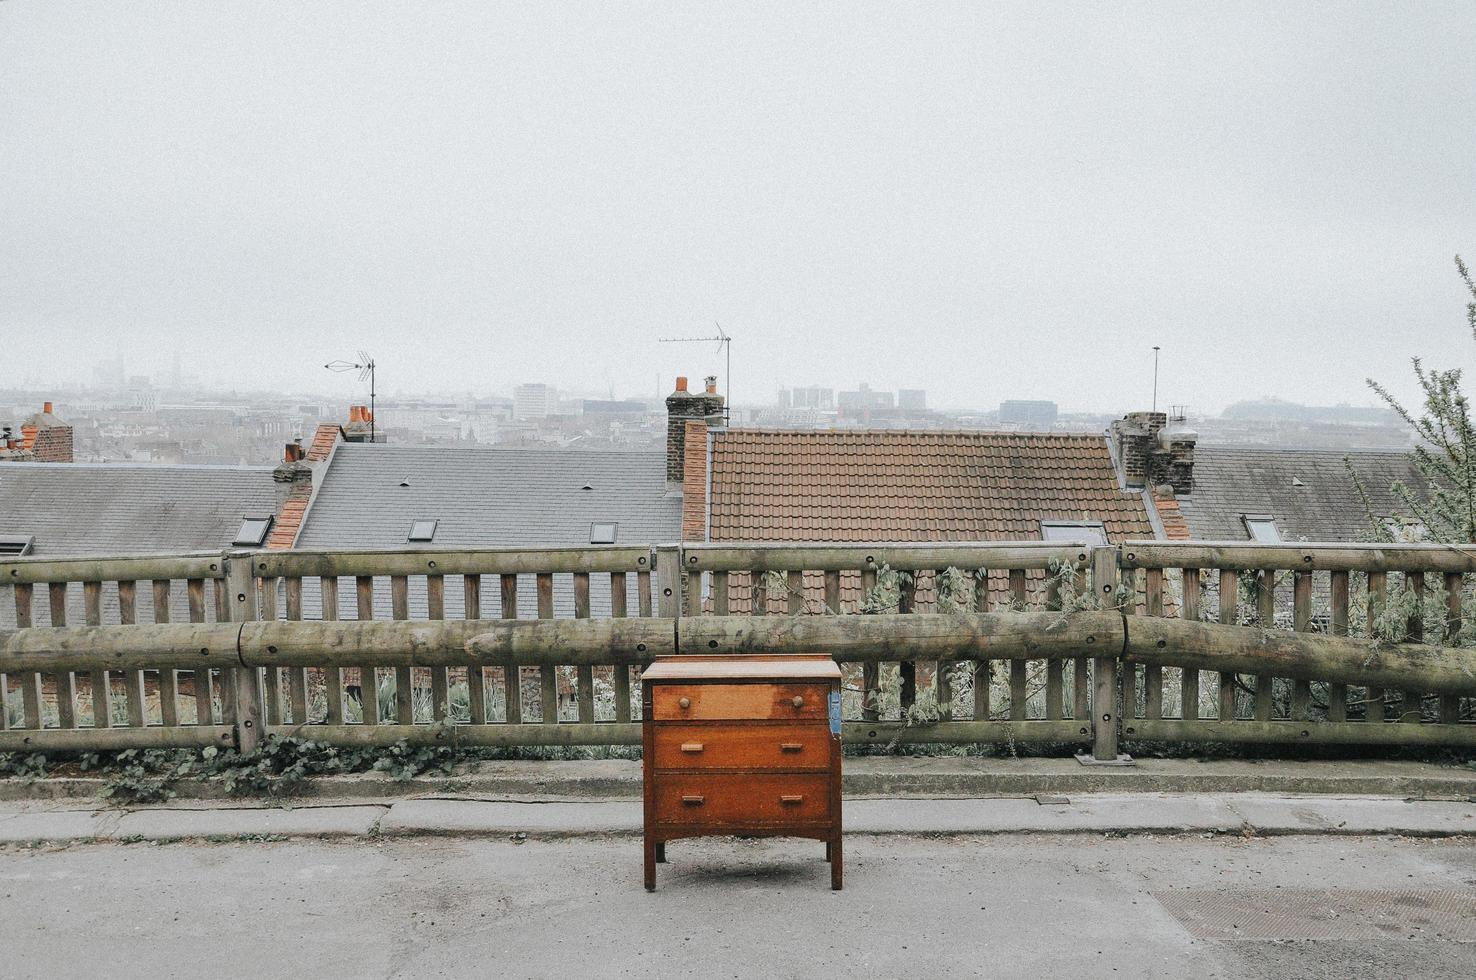 Commode en bois marron sur le toit photo